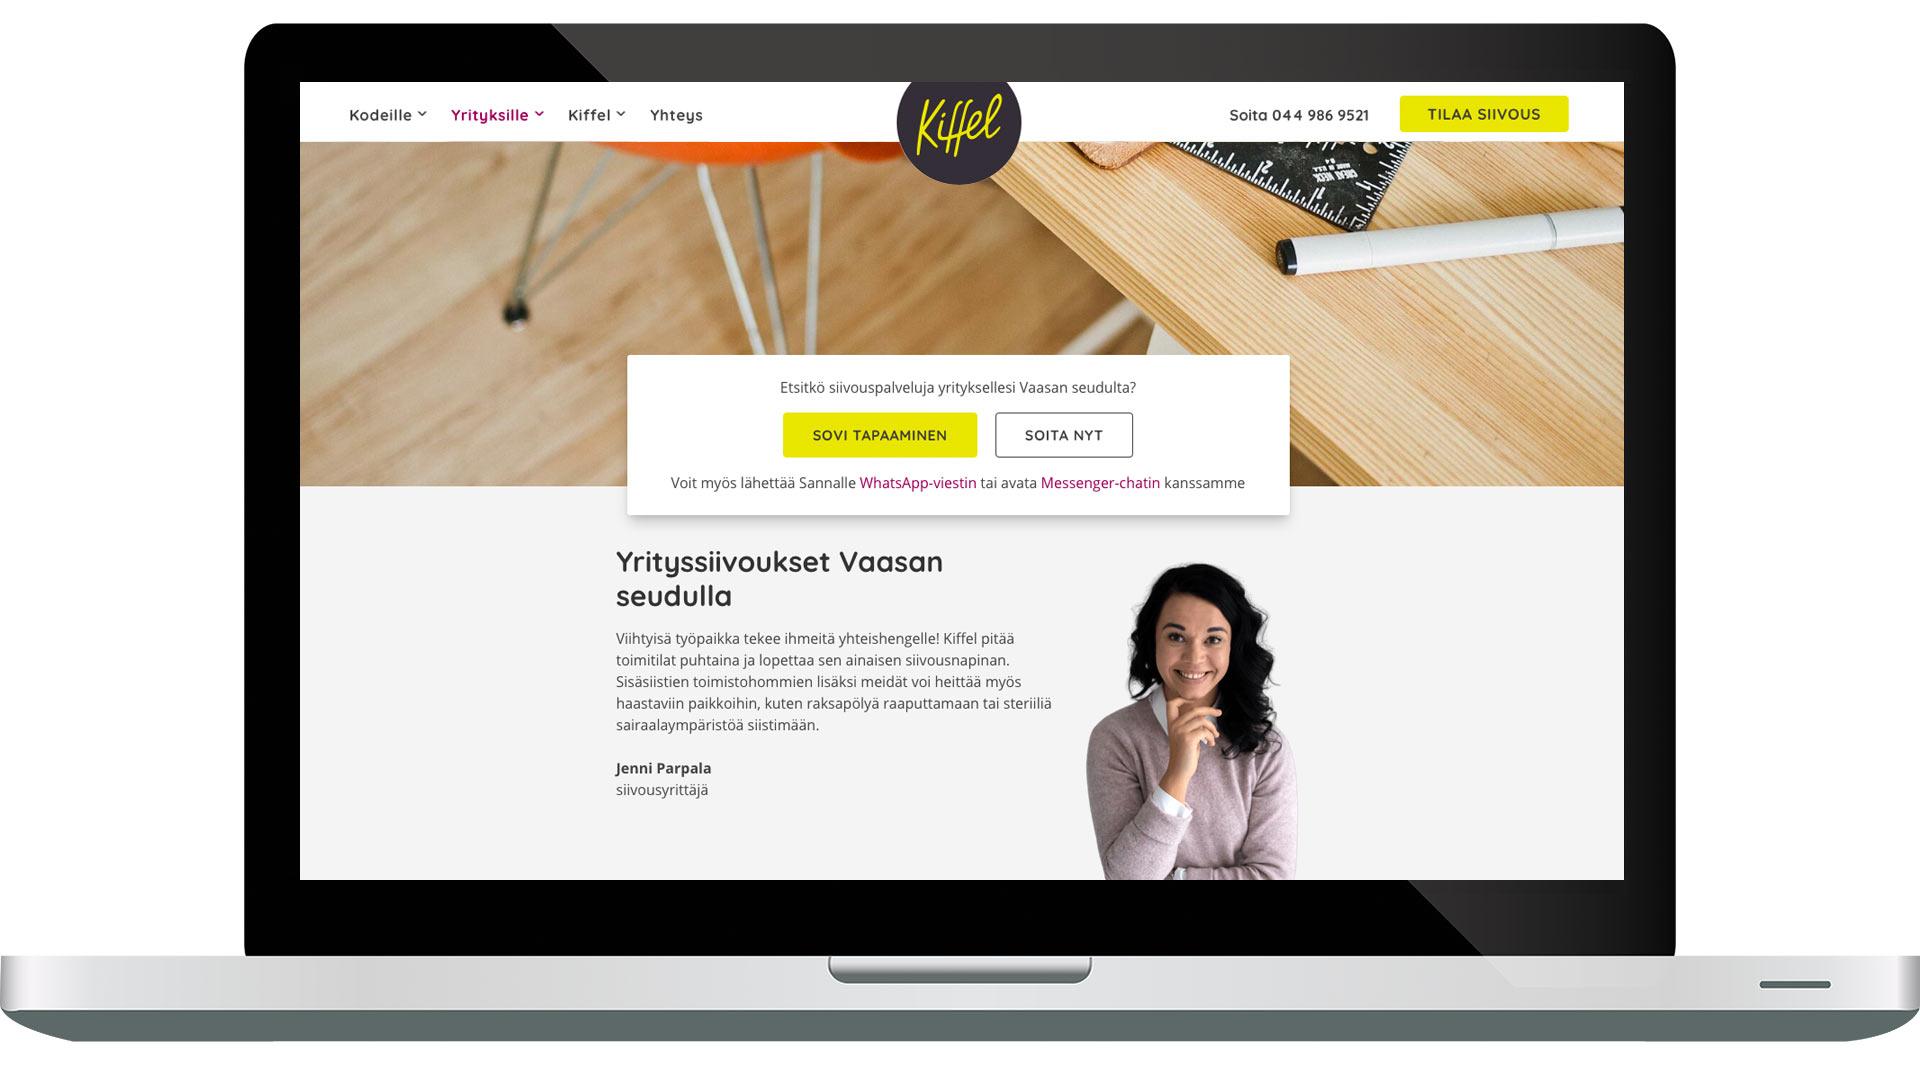 Kiffelin verkkosivusto tietokoneen näytöllä